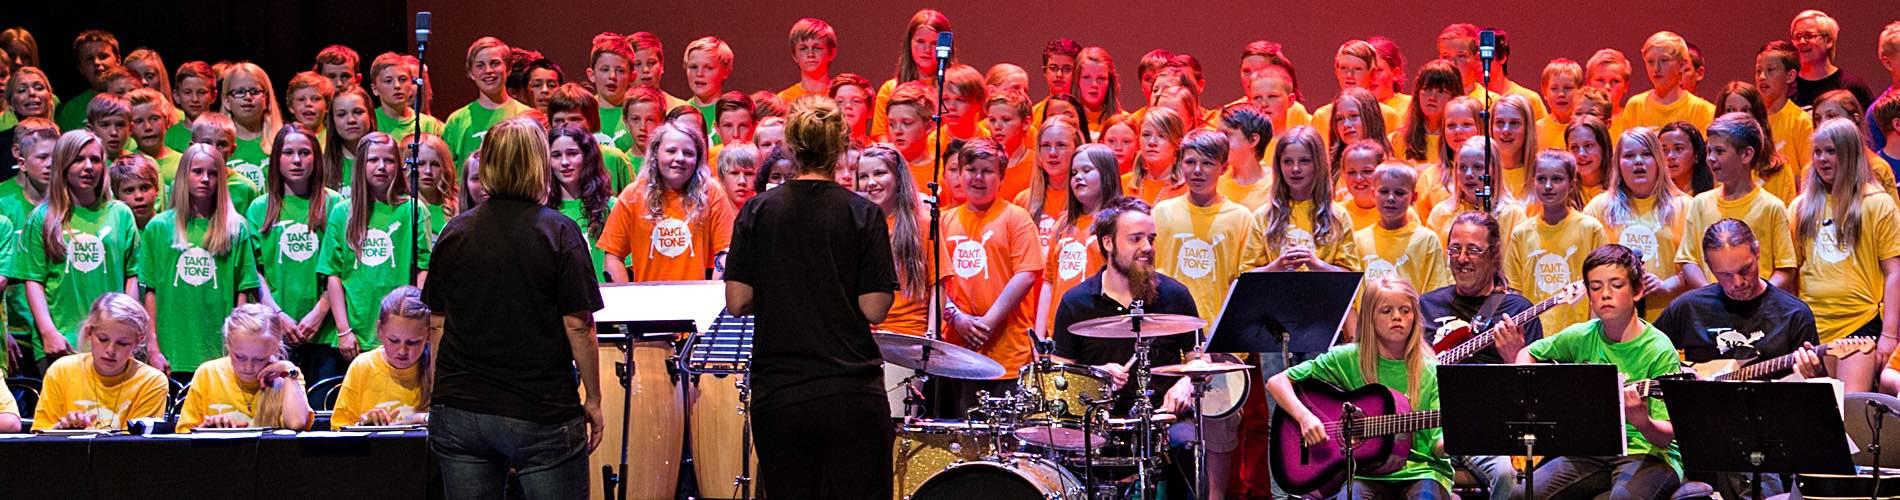 Mange Barn På Scenen Under Konsert, - Fargede T-skjorter - Voksne Og Barn Akkompagnerer